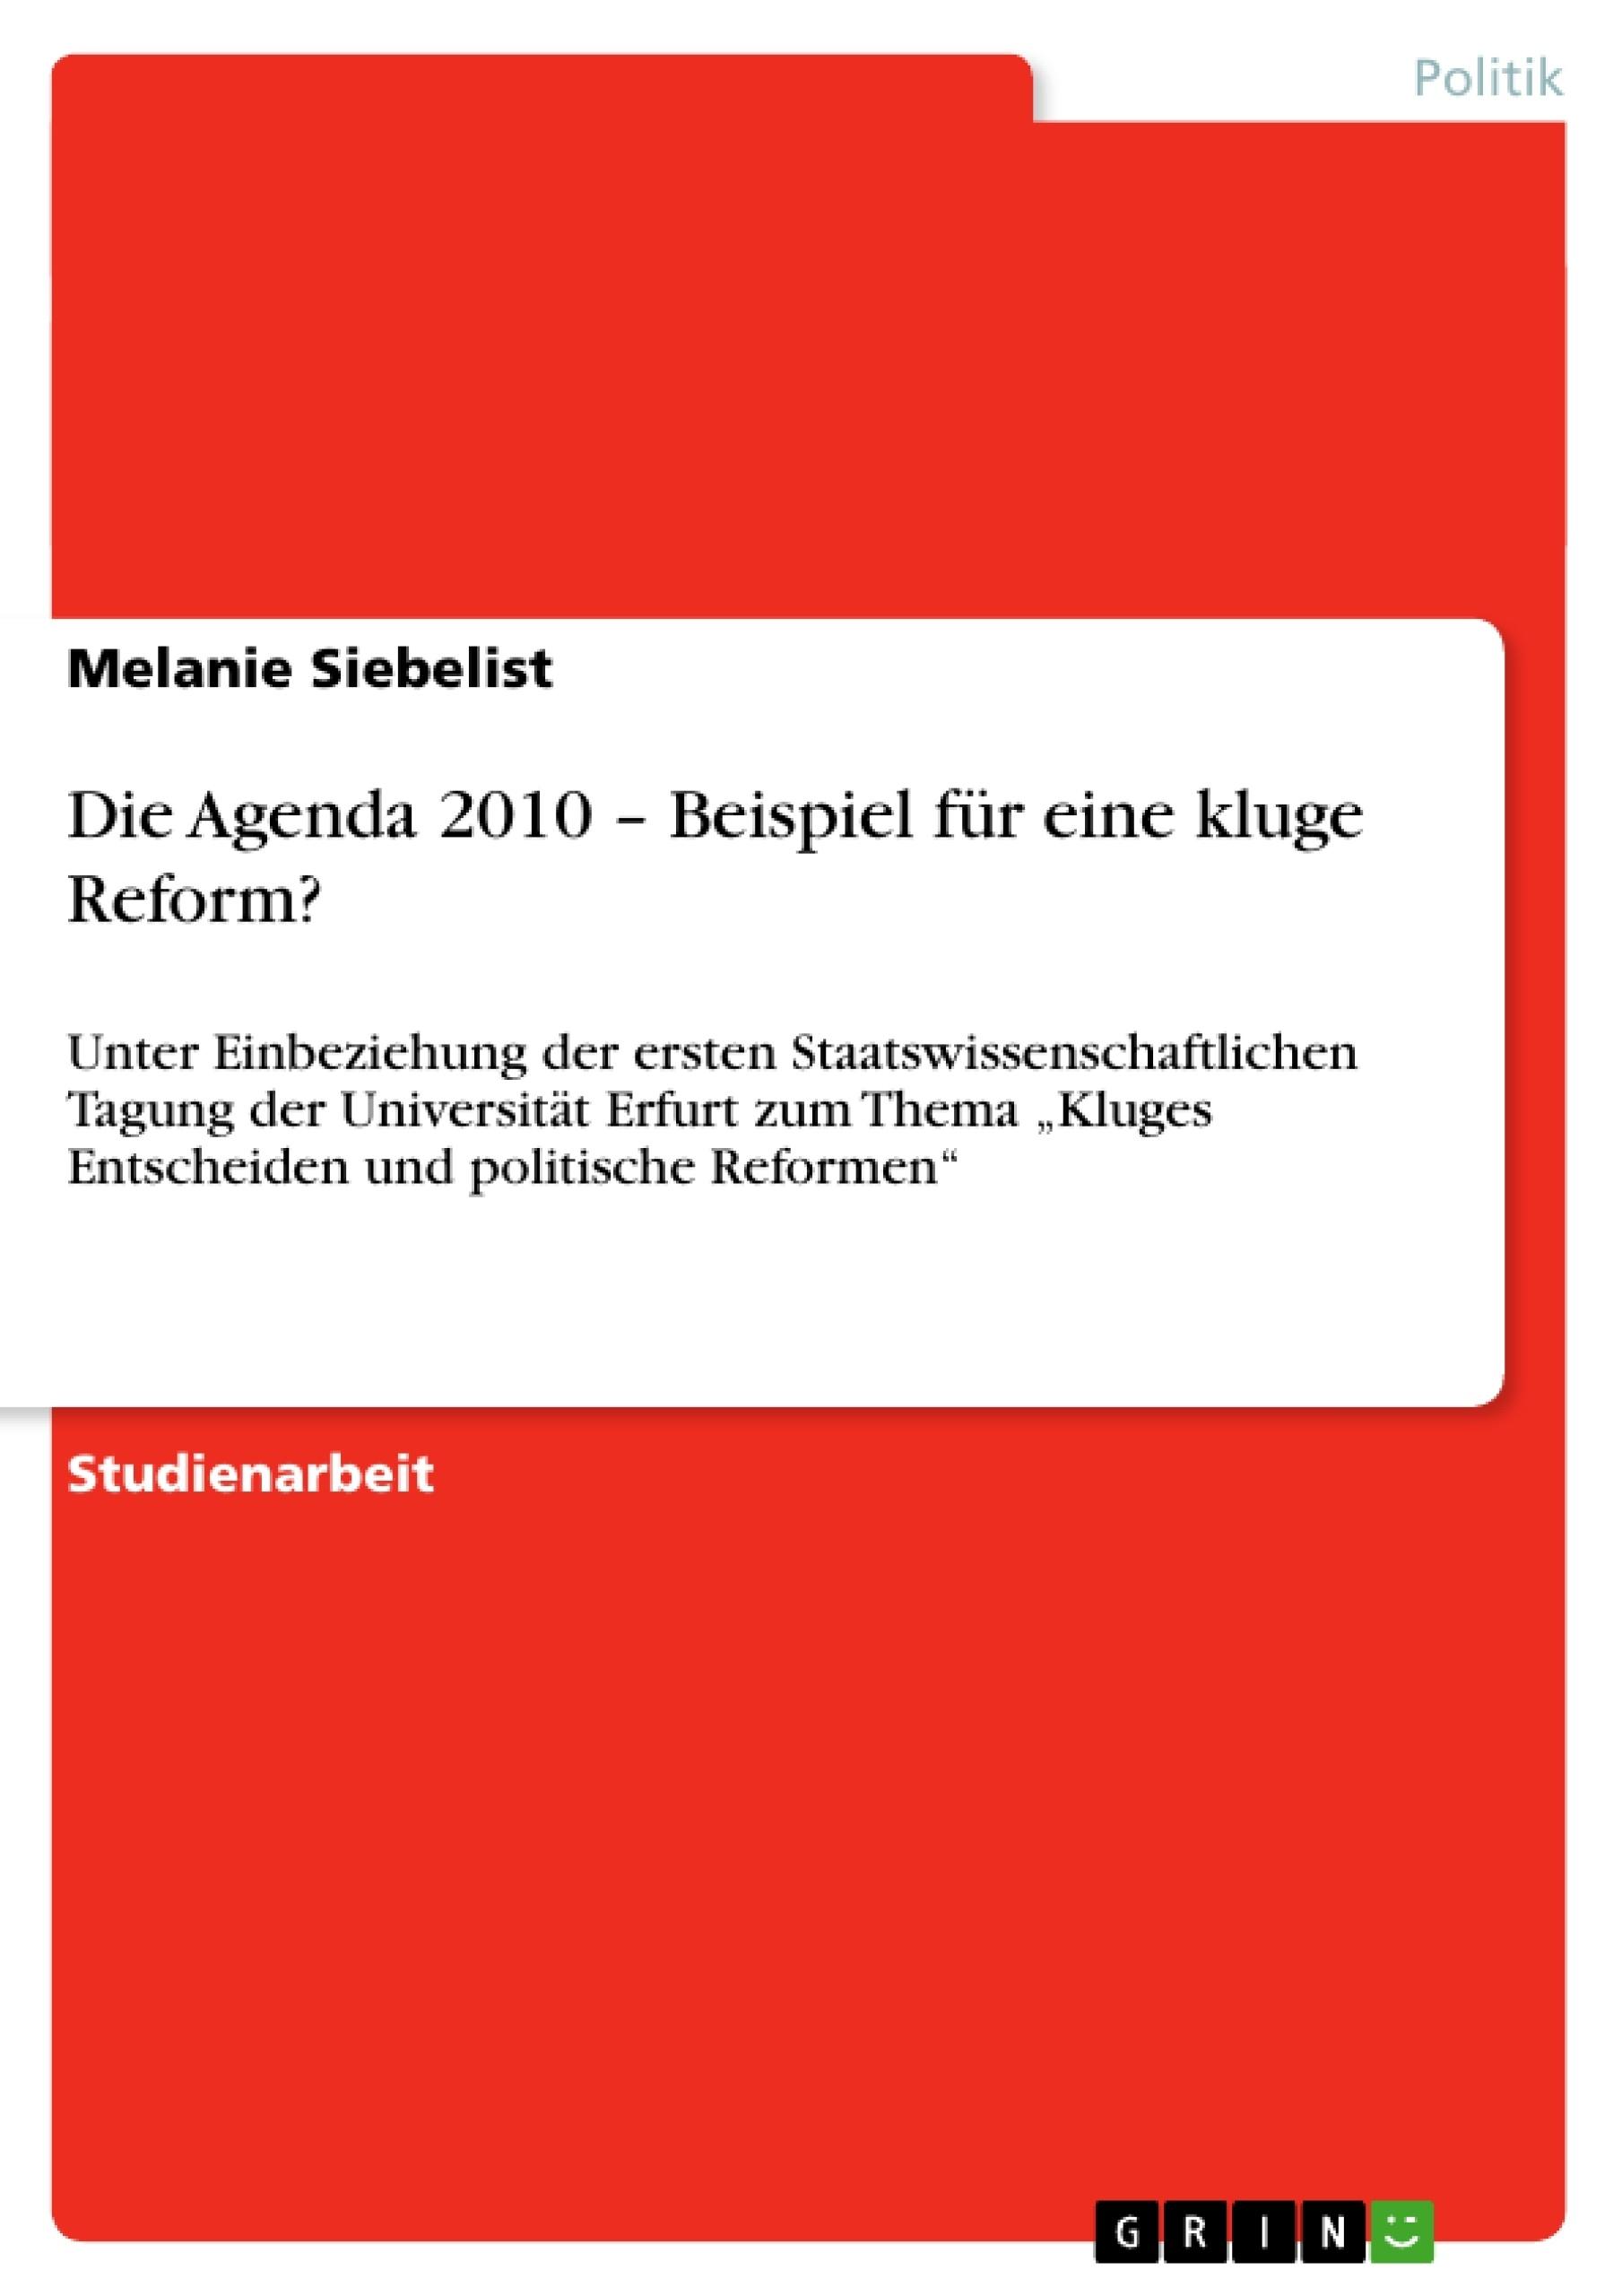 Titel: Die Agenda 2010 – Beispiel für eine kluge Reform?